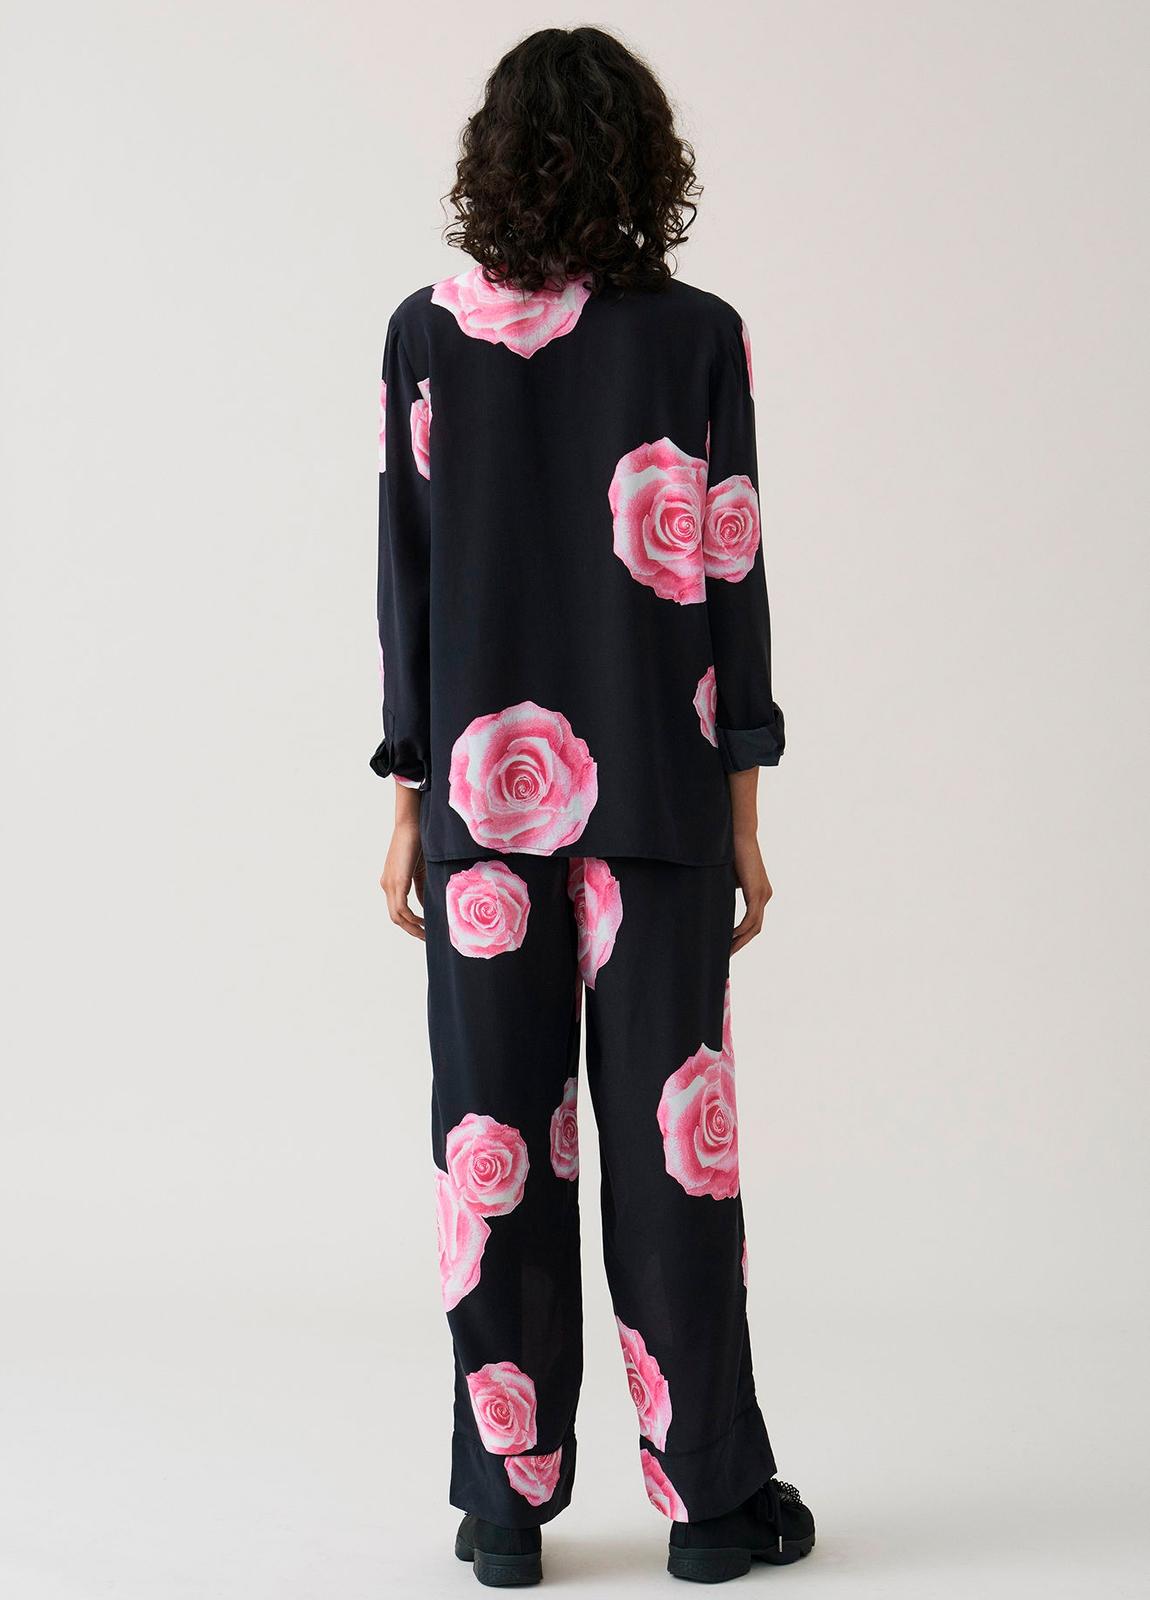 Camisa color negro con estampado floral,100% Seda. - Ítem2